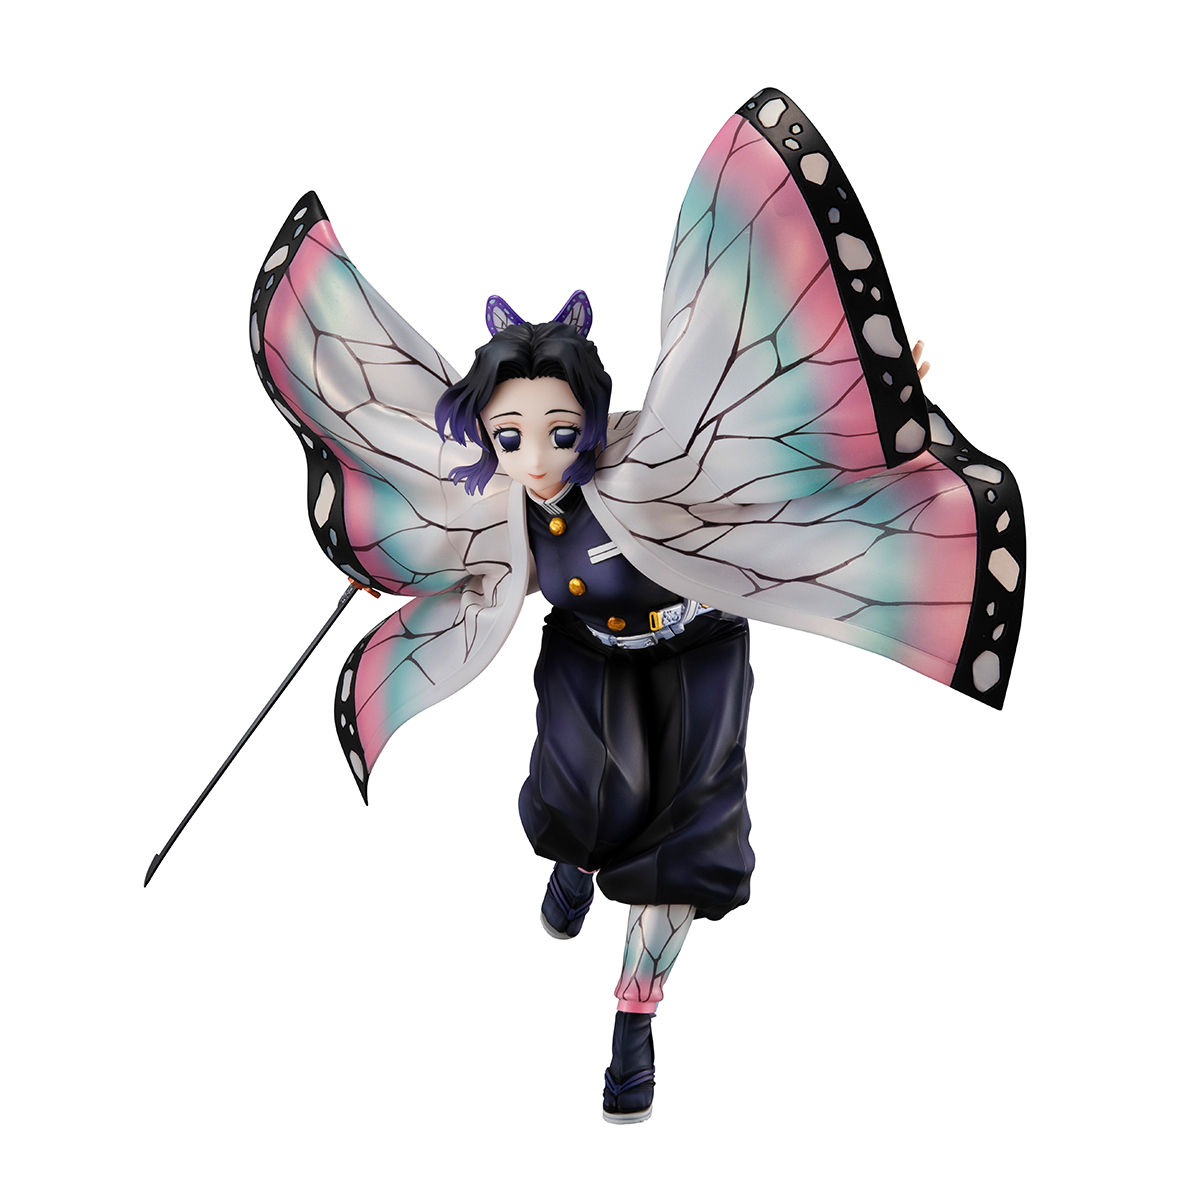 【限定販売】ギャルズシリーズ『胡蝶しのぶ(こちょう しのぶ)』鬼滅の刃 完成品フィギュア-010